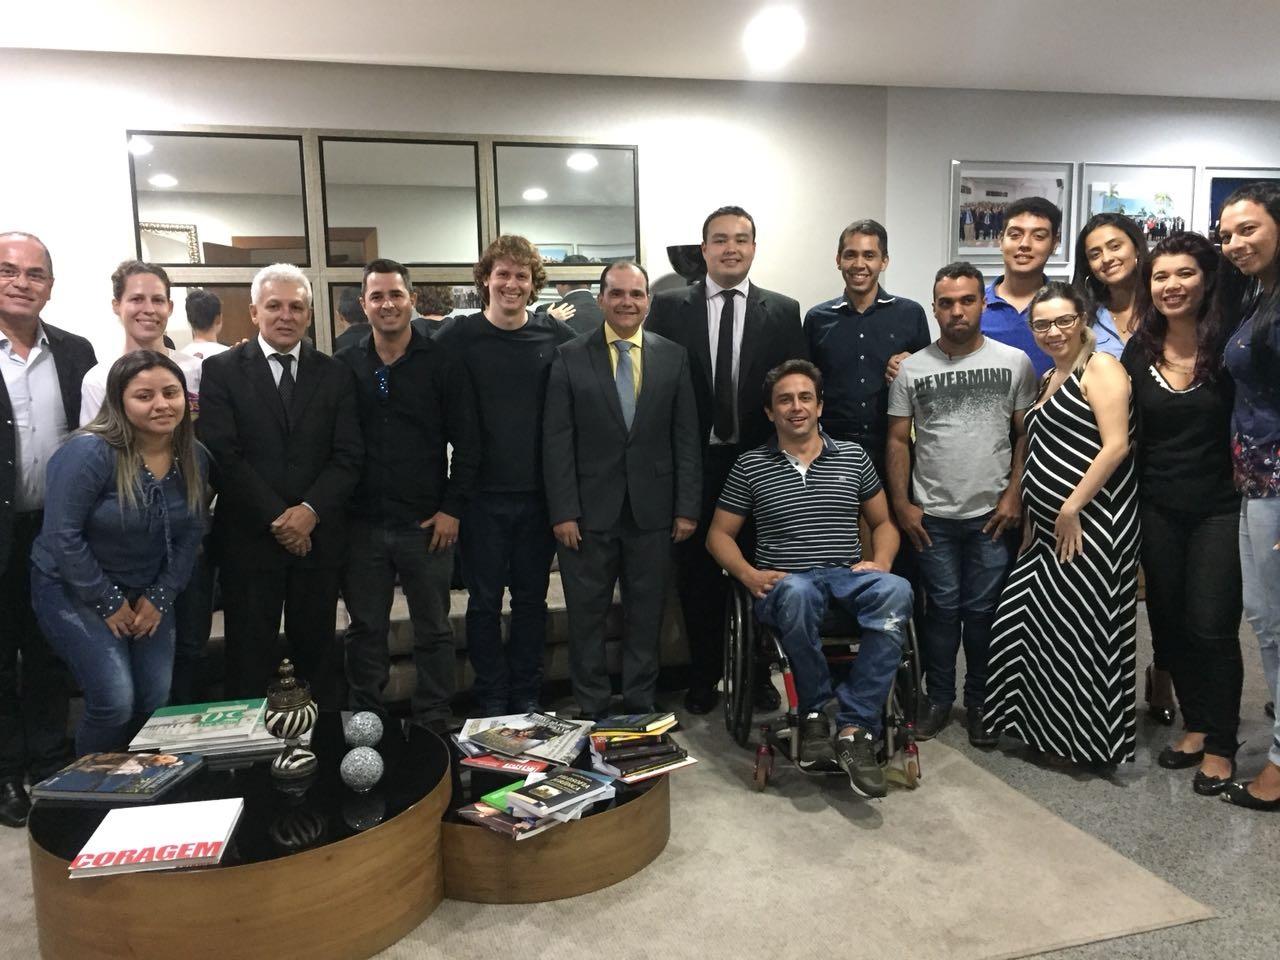 Conselho da Juventude do MT consegue aprovar implementação de Pista de Skate na Arena Pantanal